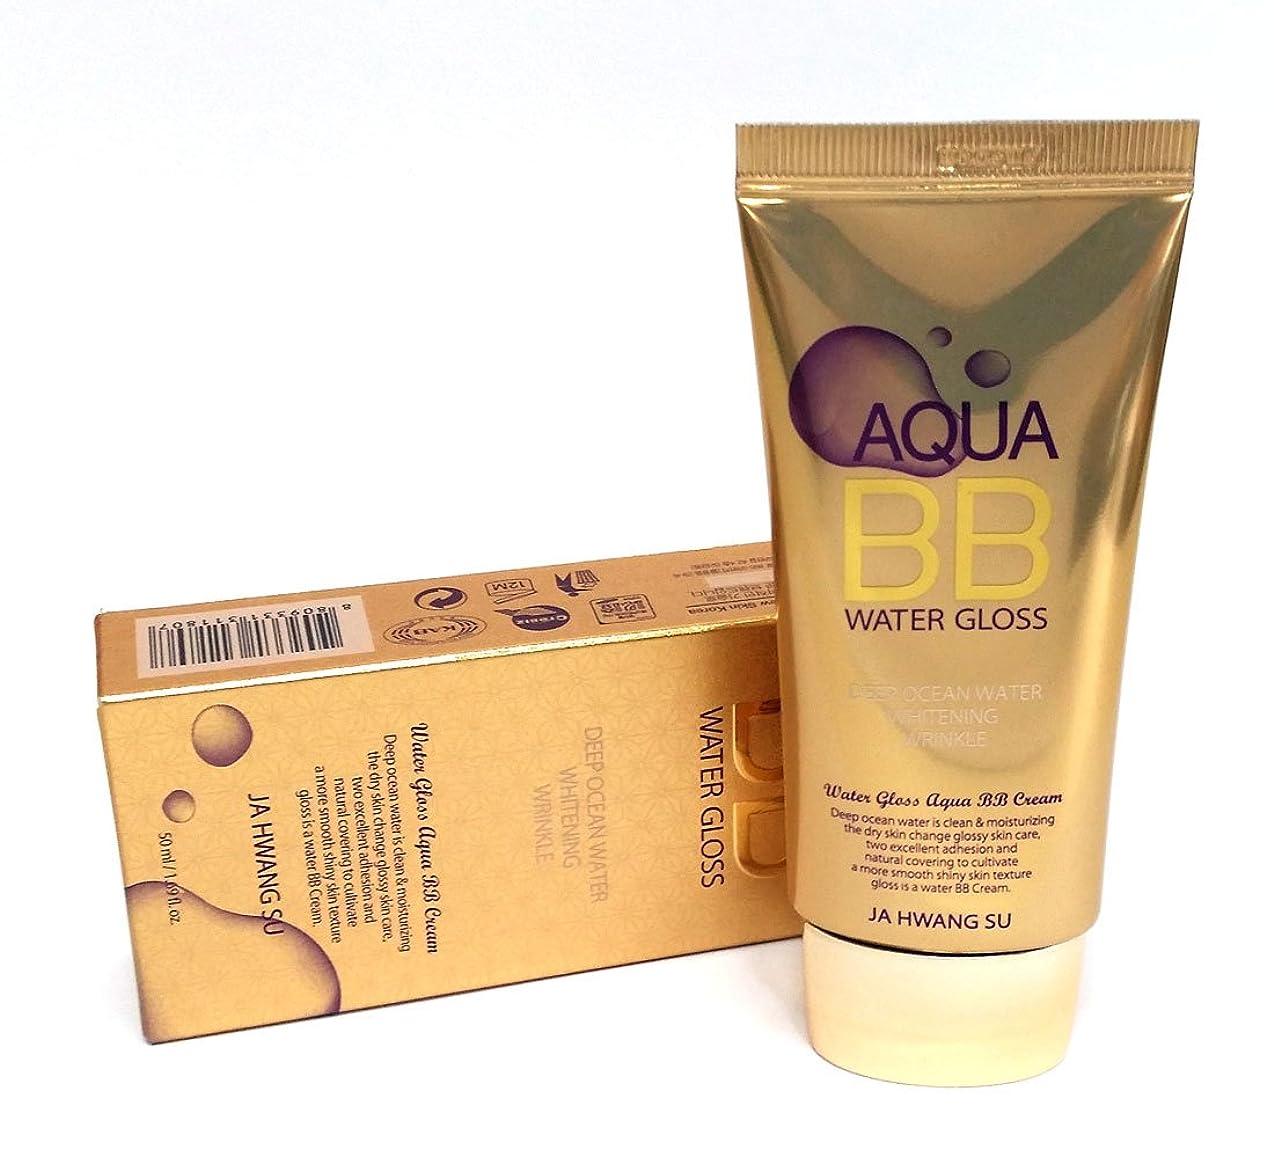 発明する壁導入する[Ja Hwang Su] アクアウォーターグロスBBクリーム50ml / Aqua Water Gloss BB Cream 50ml / 美白、しわ / whitening, wrinkle / 韓国化粧品 / Korean Cosmetics [並行輸入品]